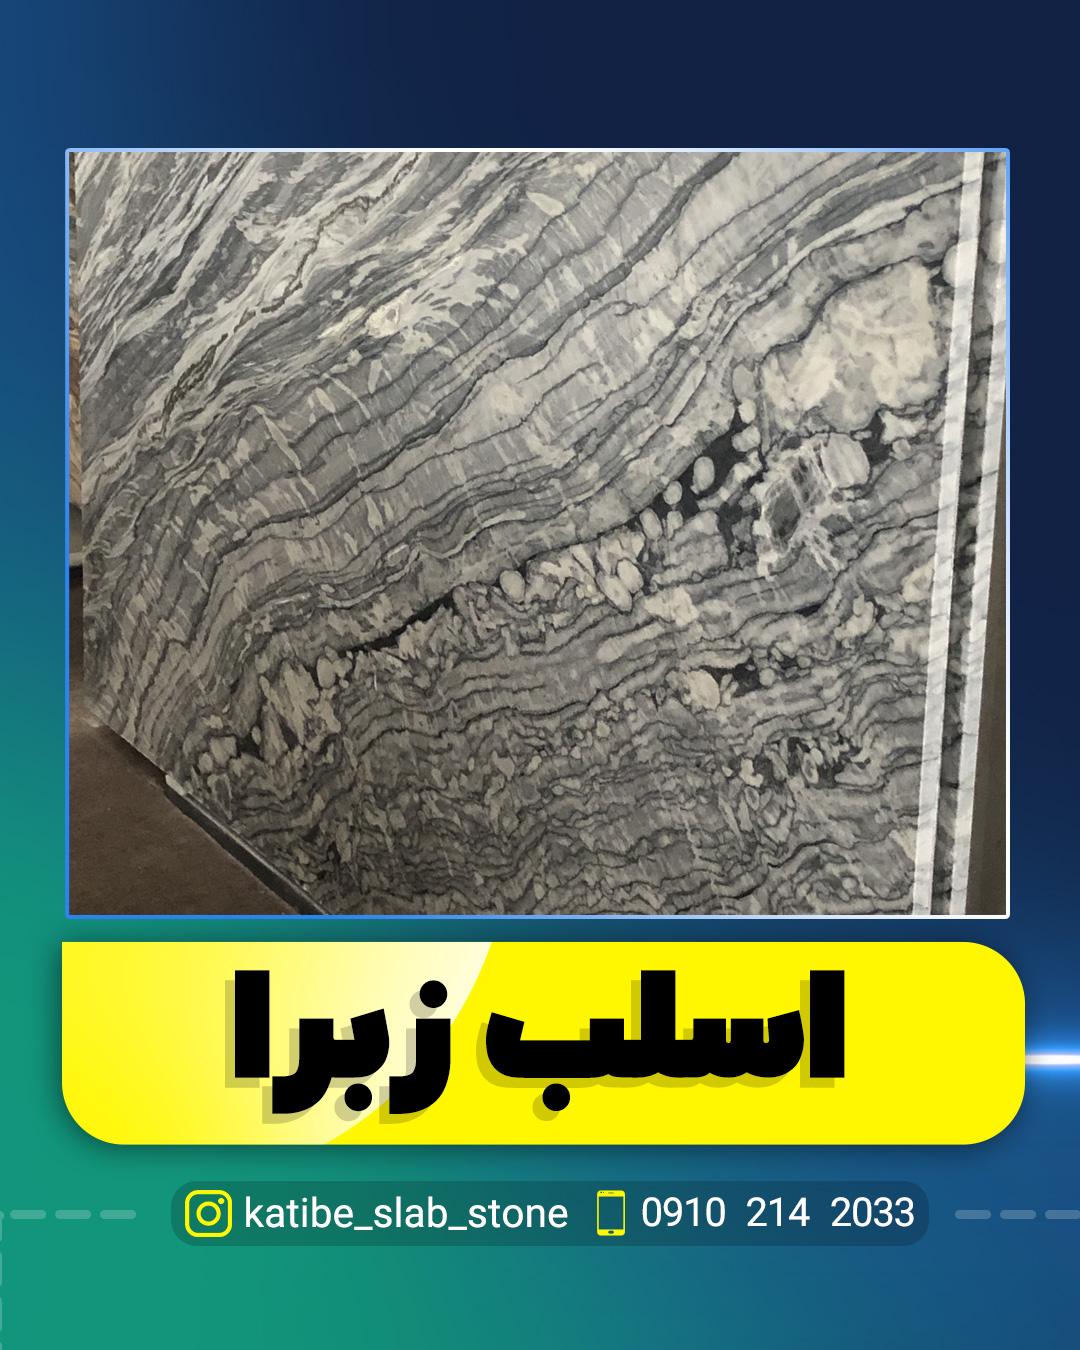 http://rozup.ir/view/3262615/Zebra%209102142033%20(1).jpg